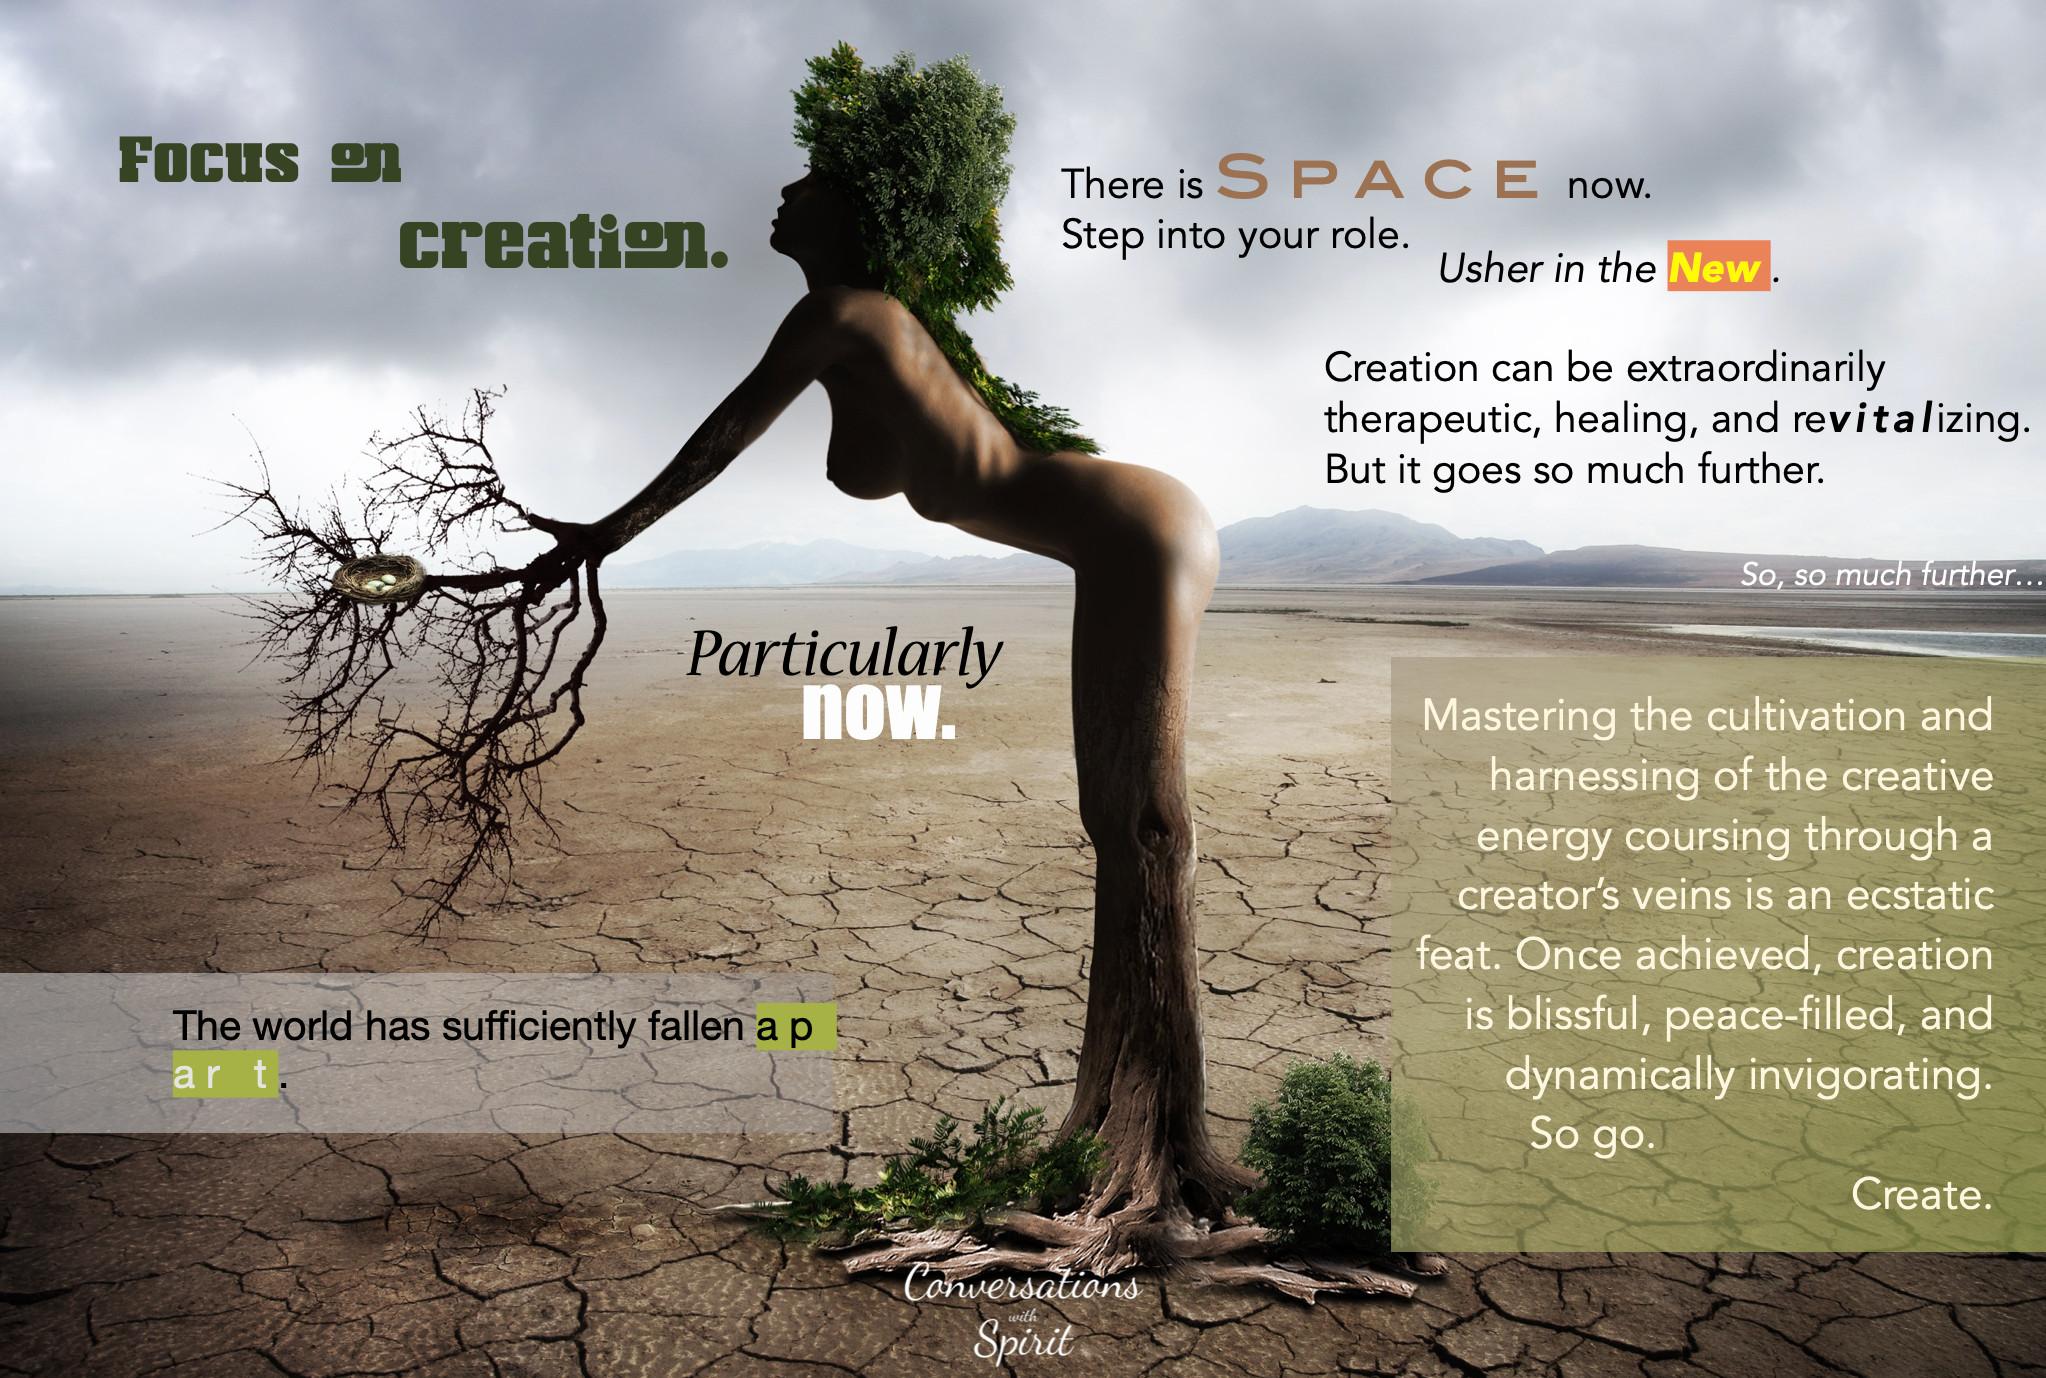 Go Create.